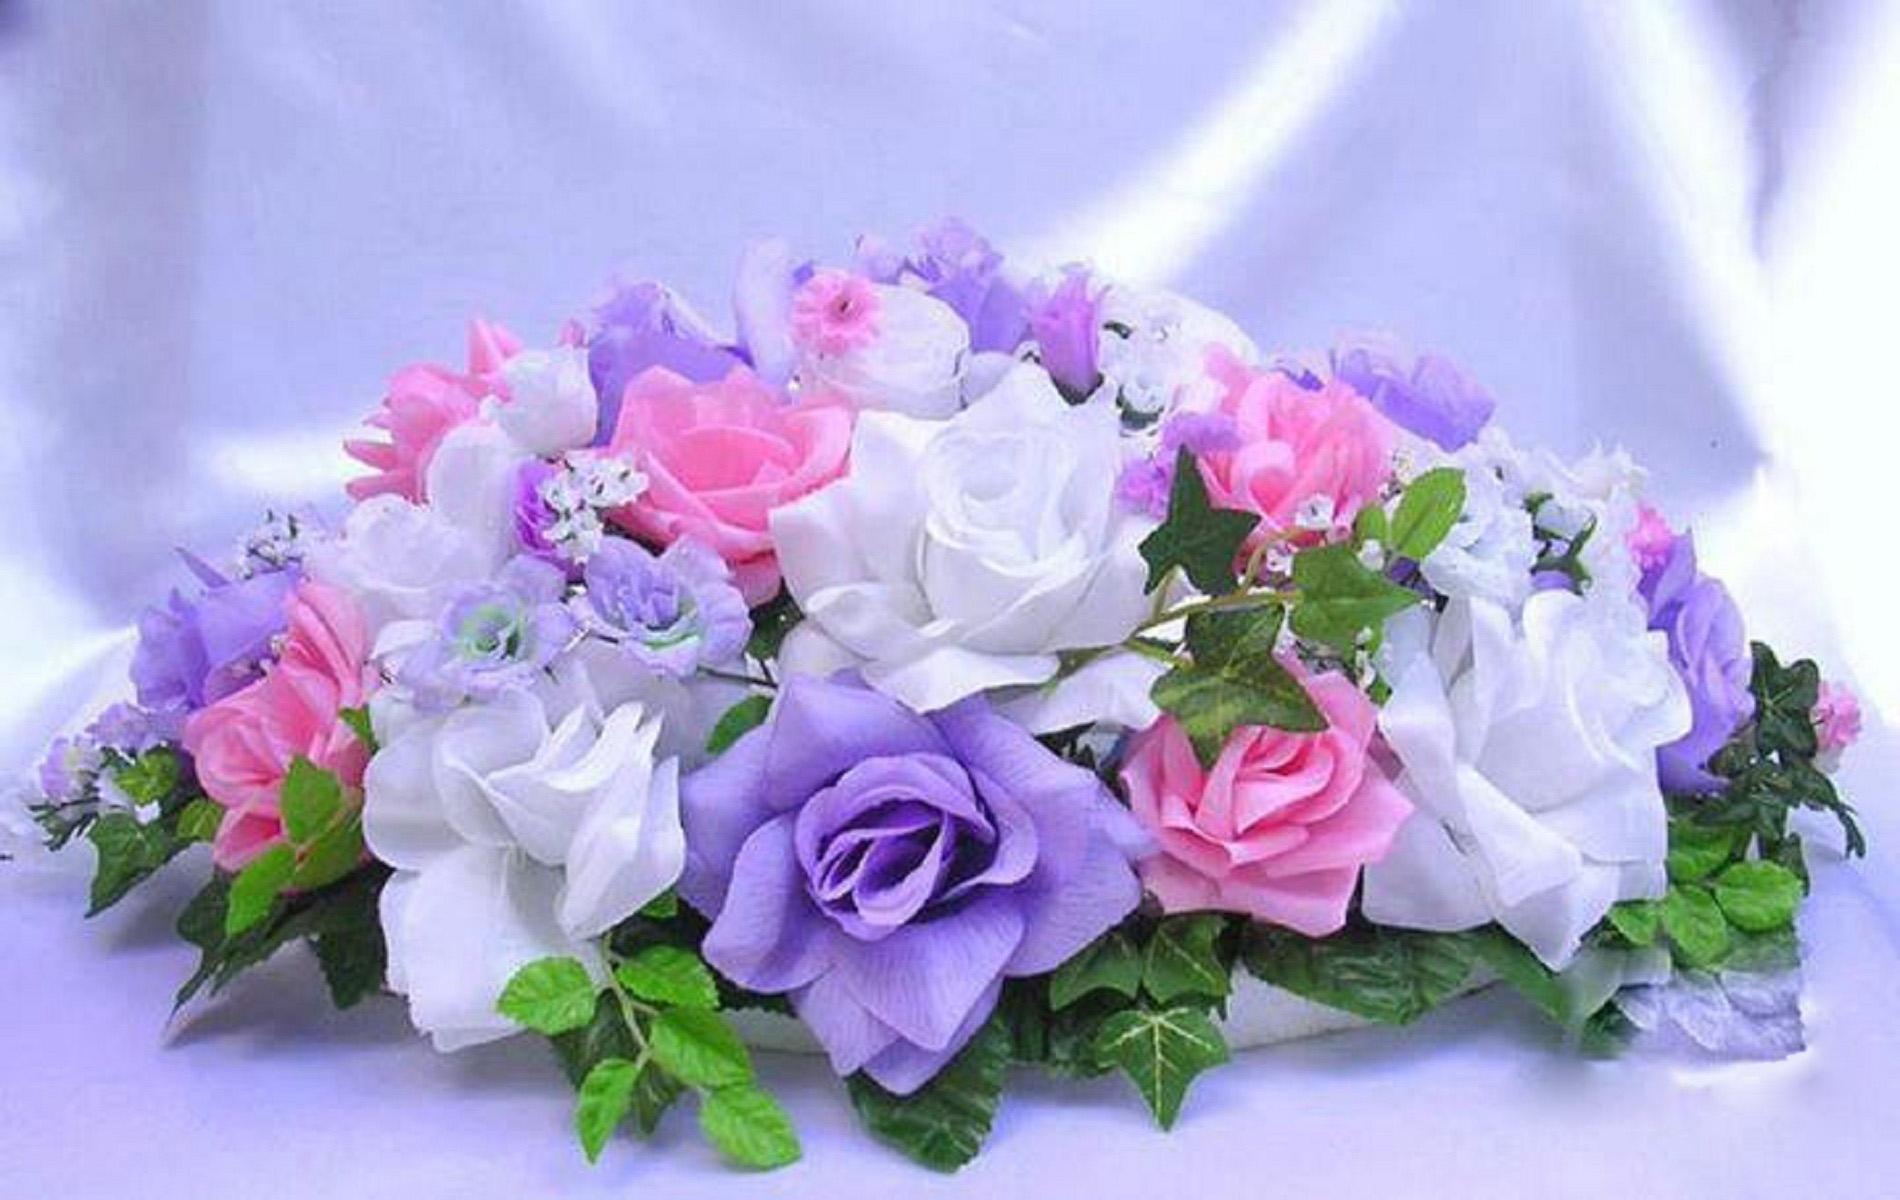 Purple Flowers Quotes 23 Widescreen Wallpaper Hdflowerwallpaper